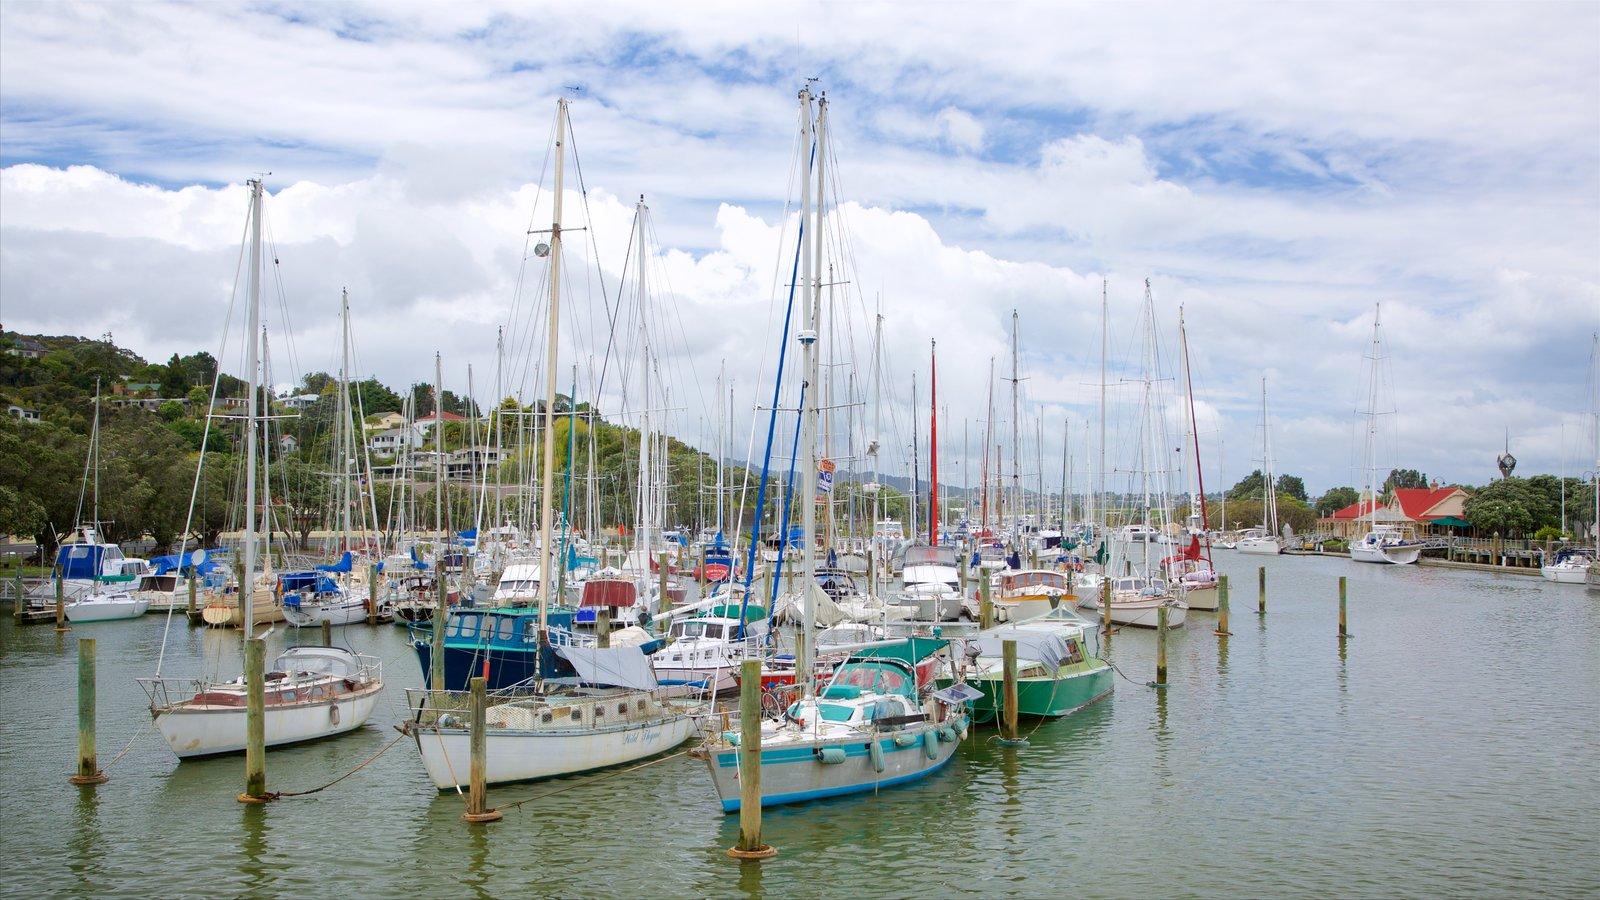 Whangarei ofreciendo una marina, navegación y una bahía o puerto